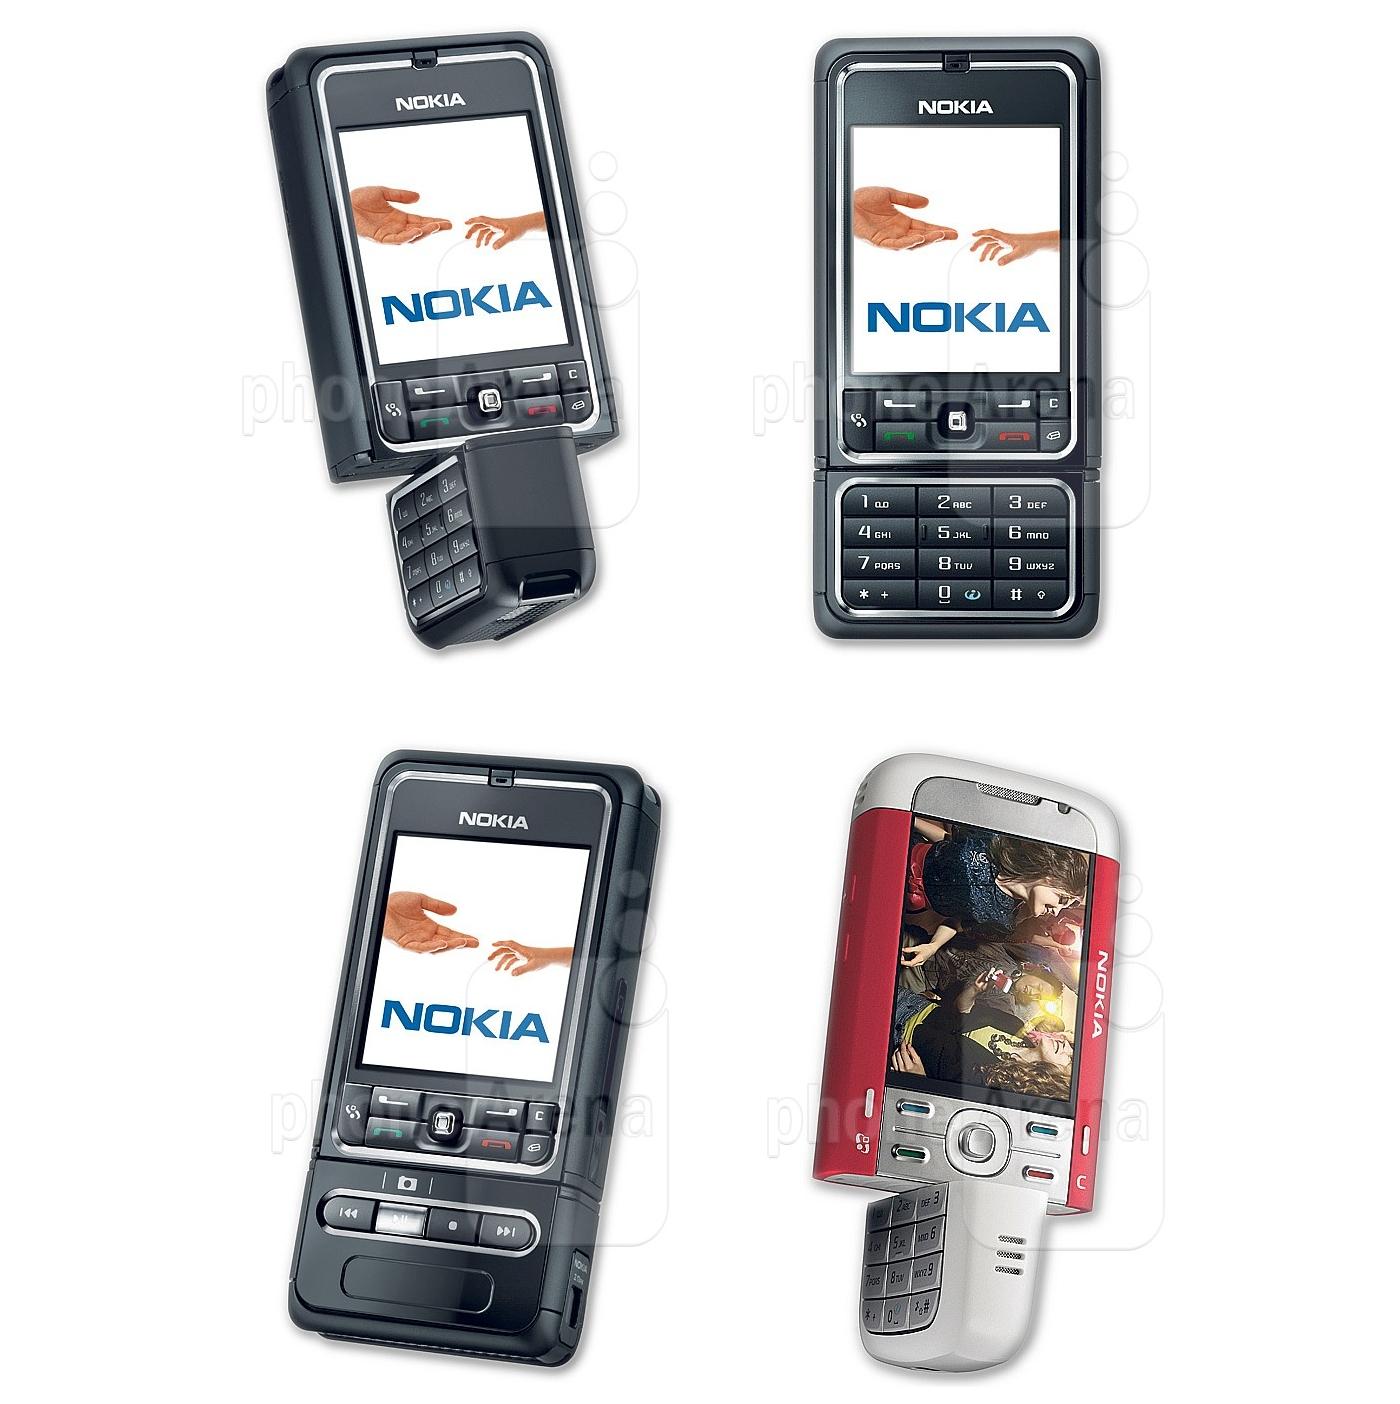 Nokia-3250-and-Nokia-5700-XpressMusic